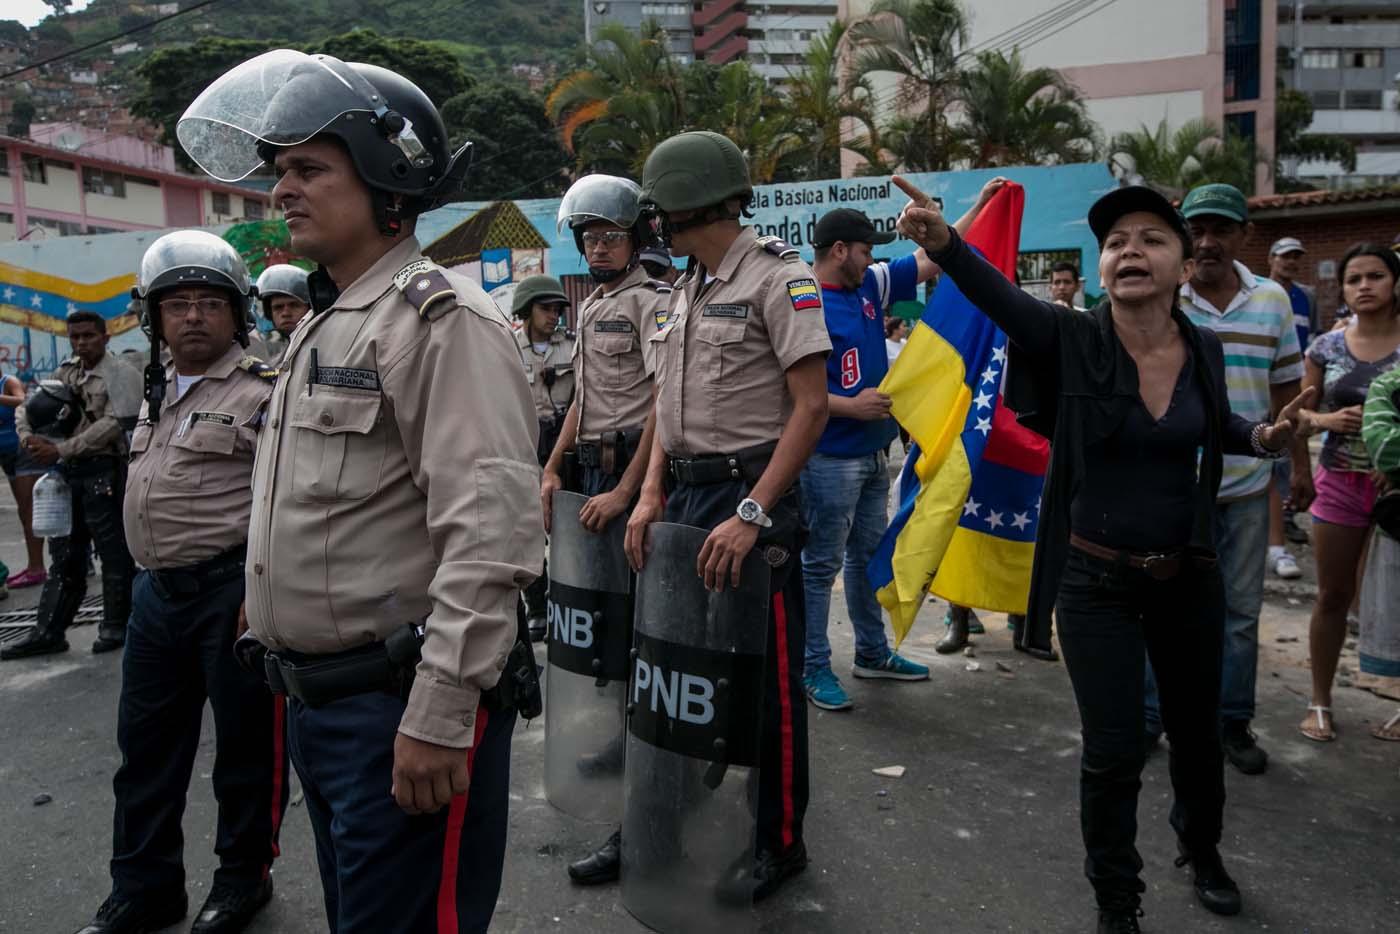 CAR13 - CARACAS (VENEZUELA), 02/06/2017 - Un grupo de personas participa en una manifestación junto a autoridades hoy, viernes 02 de junio de 2017, en Caracas (Venezuela). Los habitantes del populoso barrio de La Vega, ubicado en el oeste de Caracas, madrugaron hoy para protestar por la escasez de alimentos, mientras que las calles aledañas al canal estatal VTV en el este de la ciudad fueron cerradas por organismos de seguridad para evitar la llegada de manifestantes. EFE/MIGUEL GUTIÉRREZ